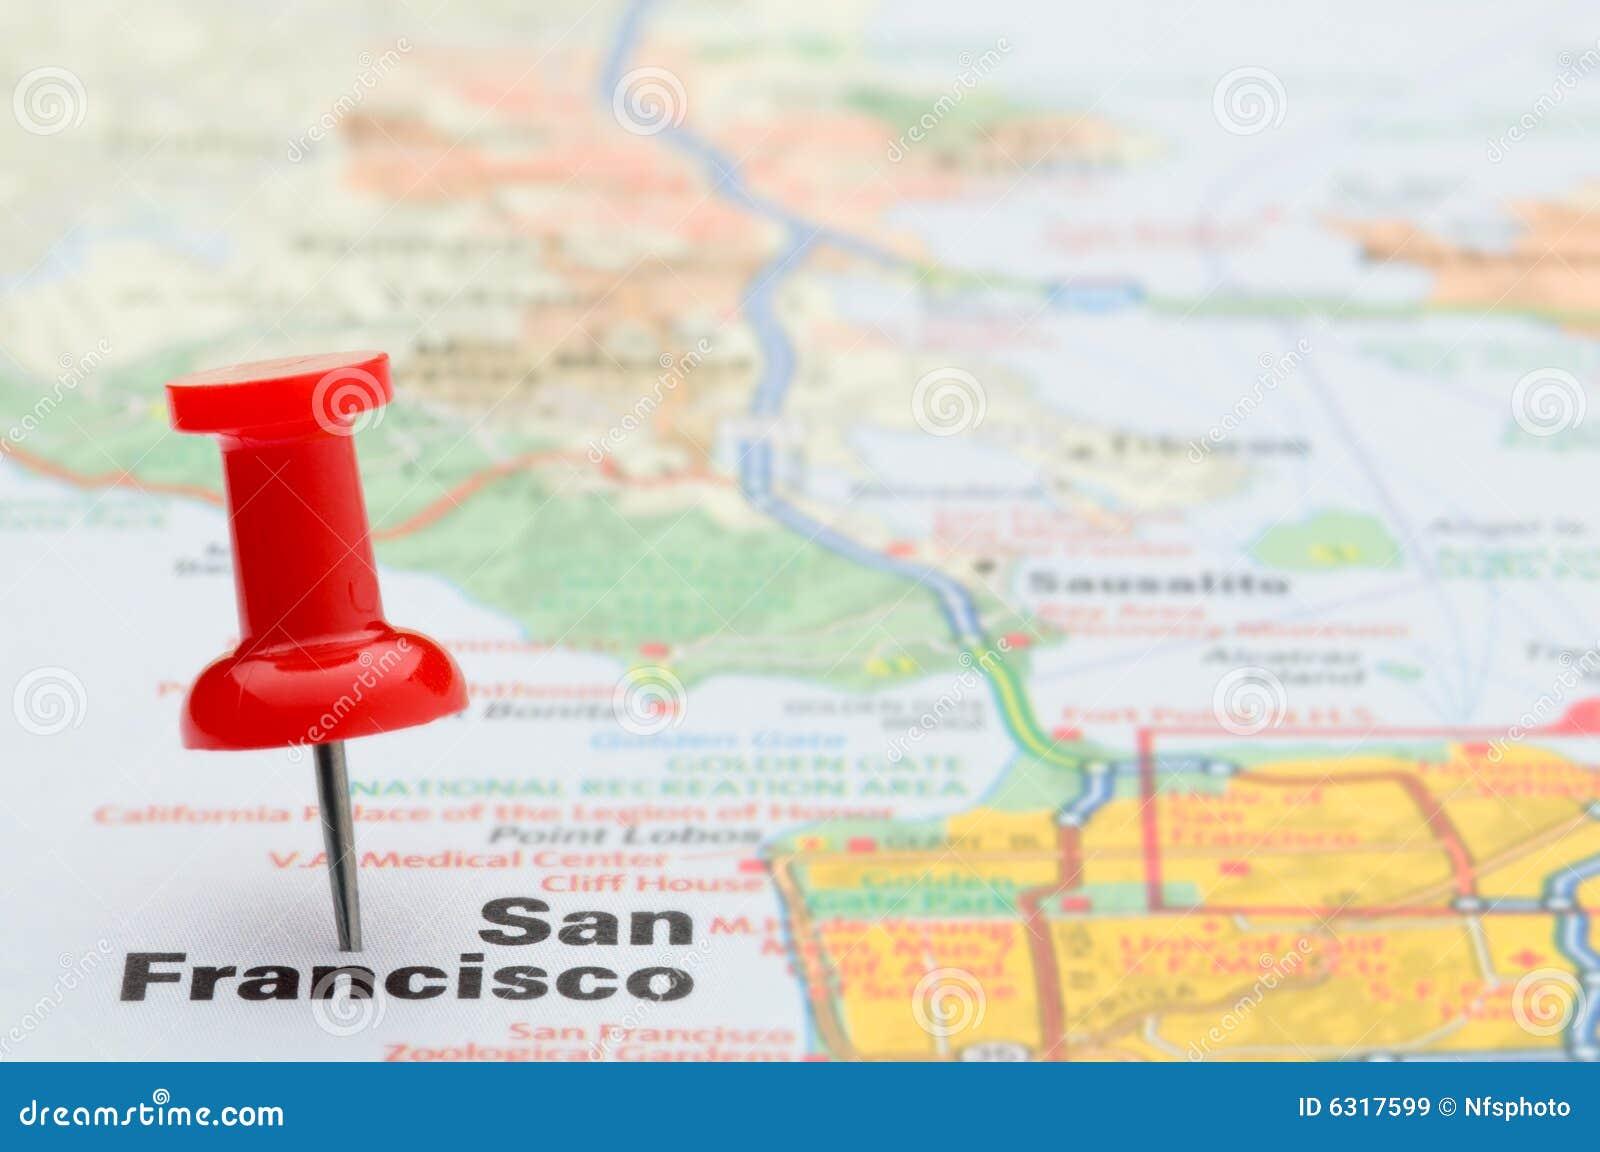 Pasador Ubicación Mapa Gráficos Vectoriales Gratis En: Marca Roja San Francisco Del Pasador En Correspondencia